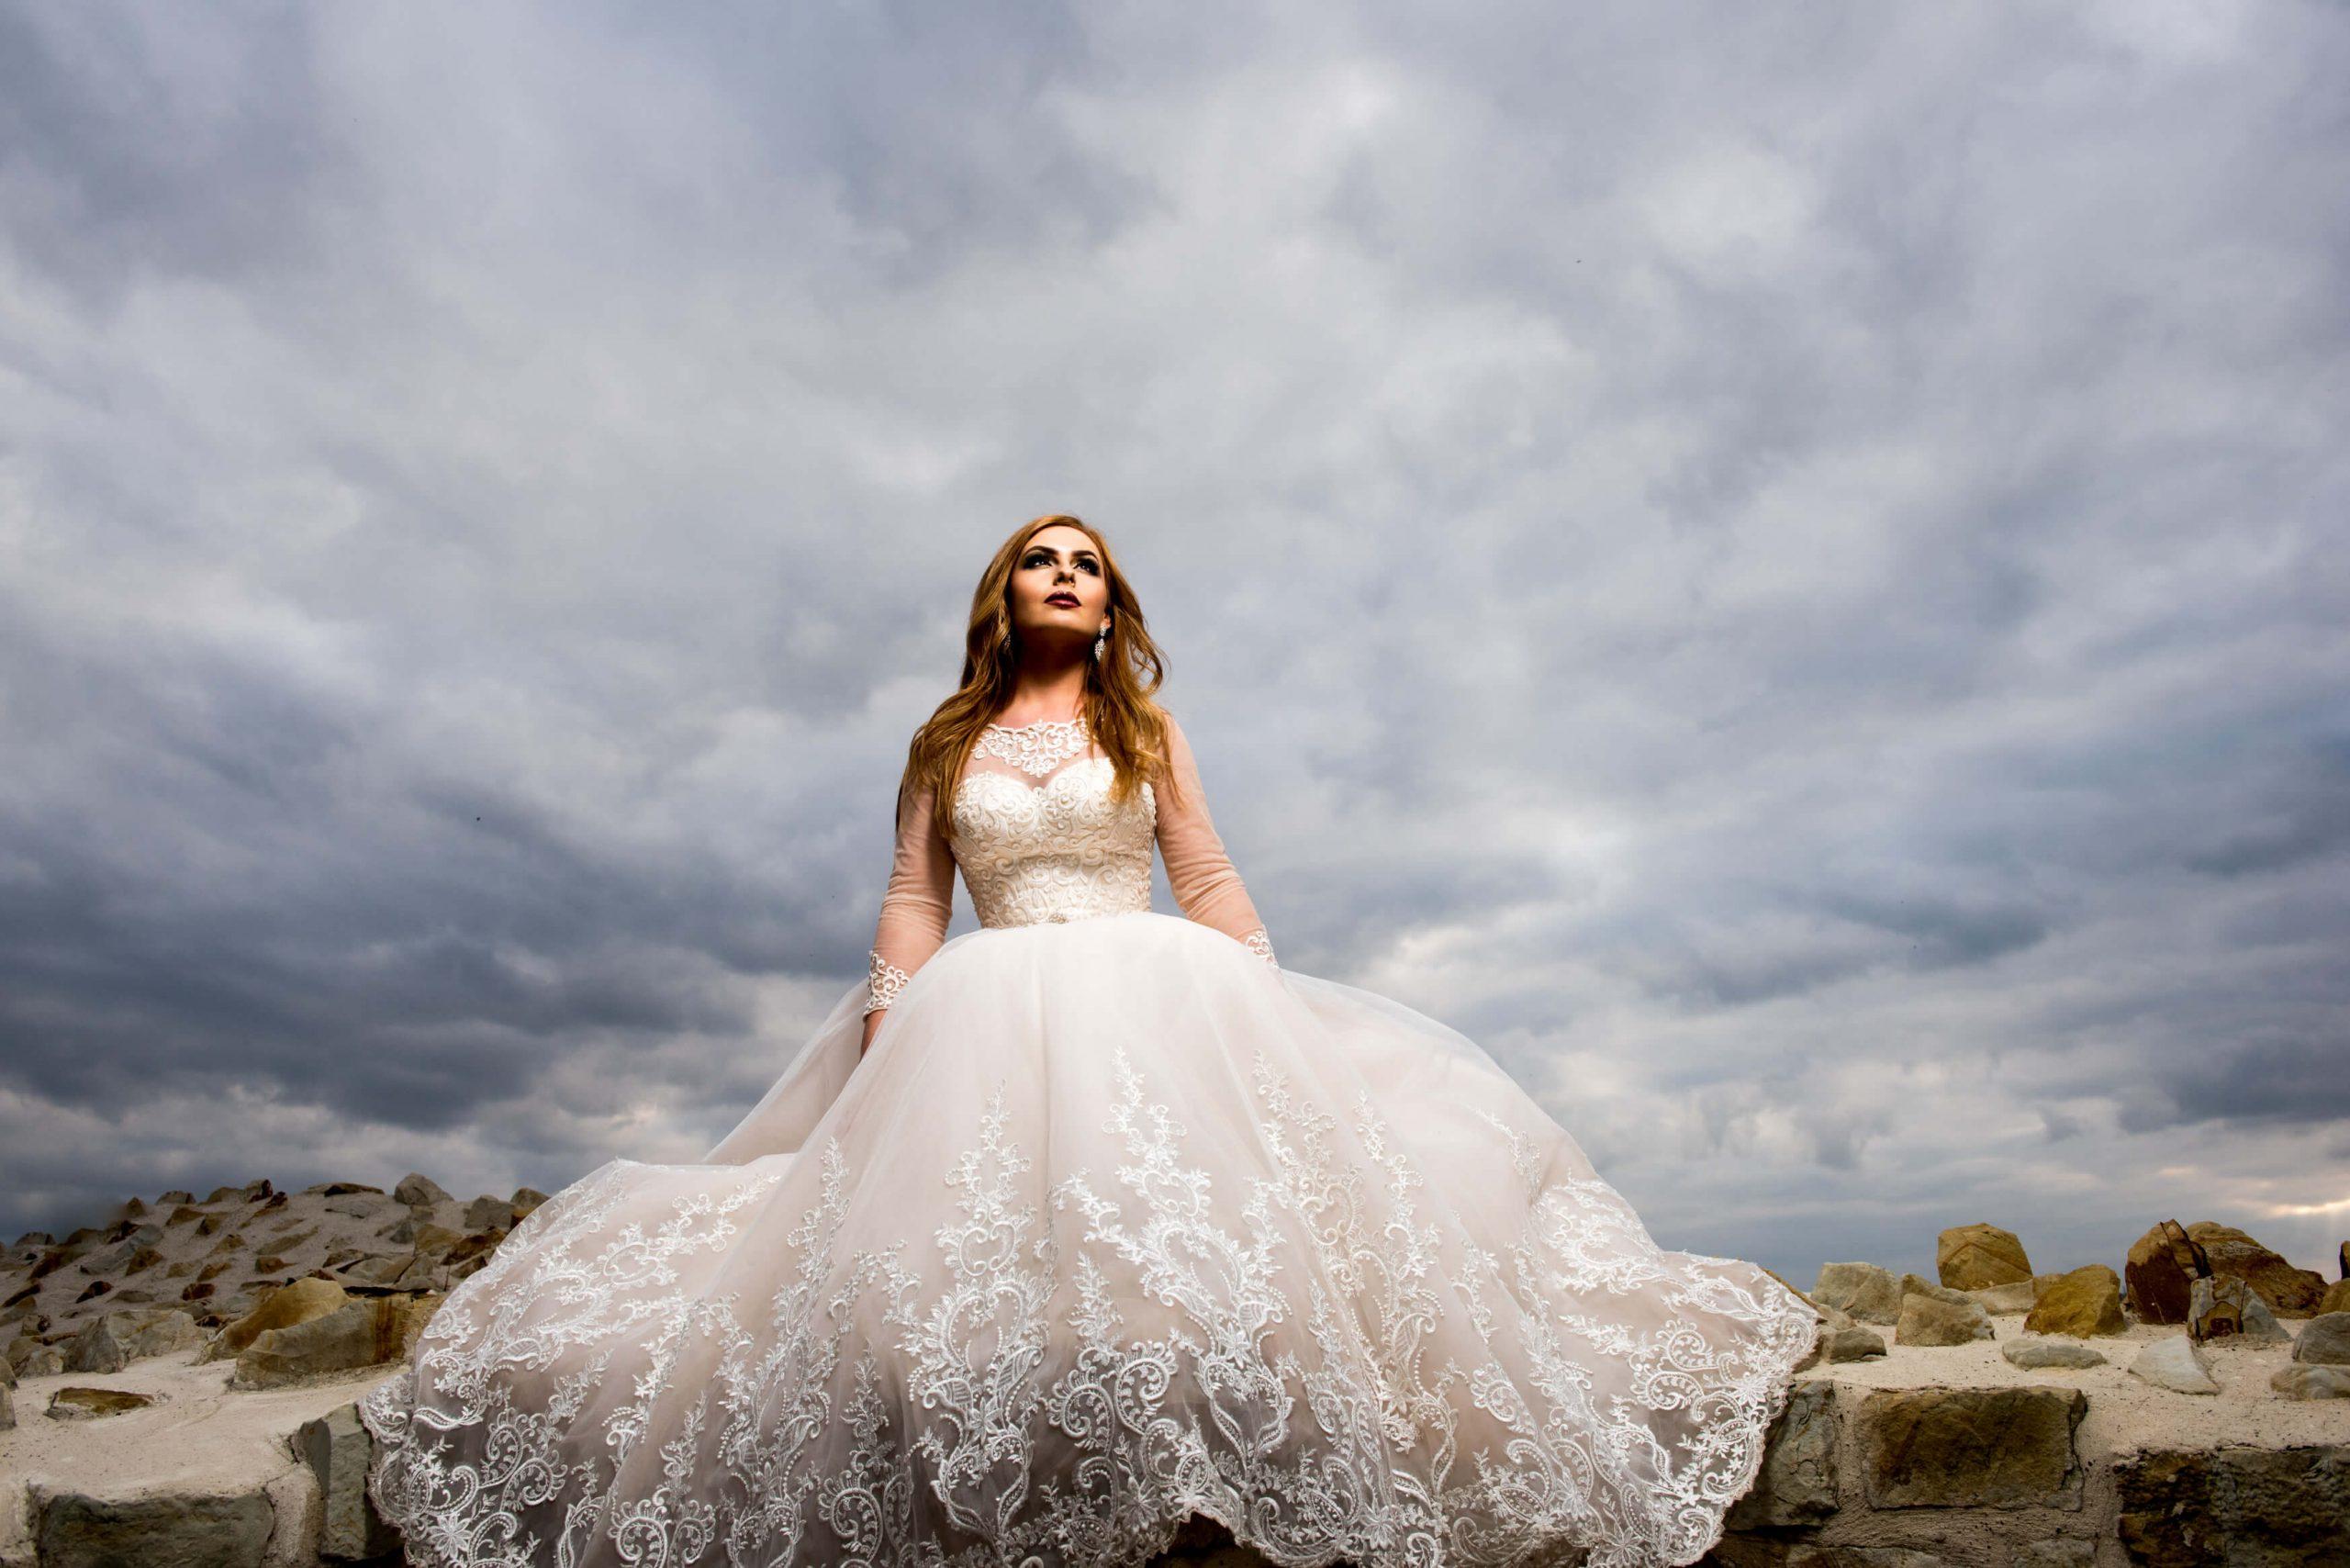 marius agrigoroaie fotograf de nunta botosani suceava 10